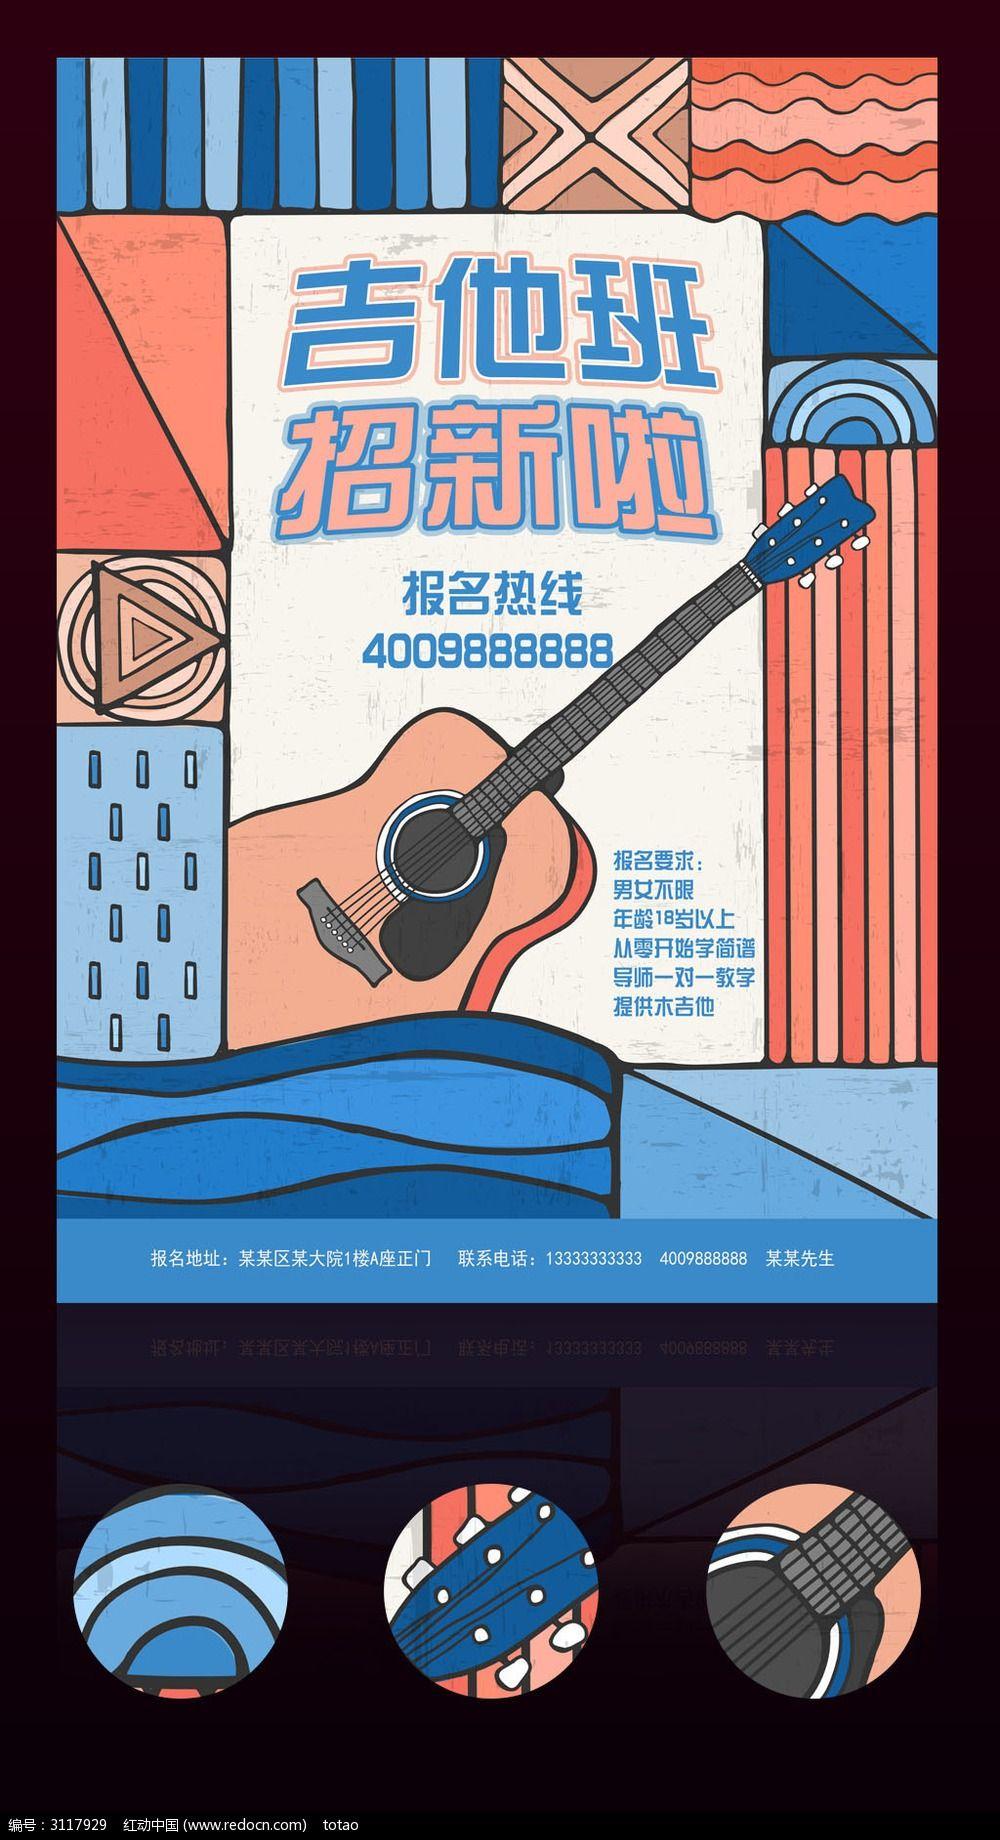 音乐兴趣小组海报_